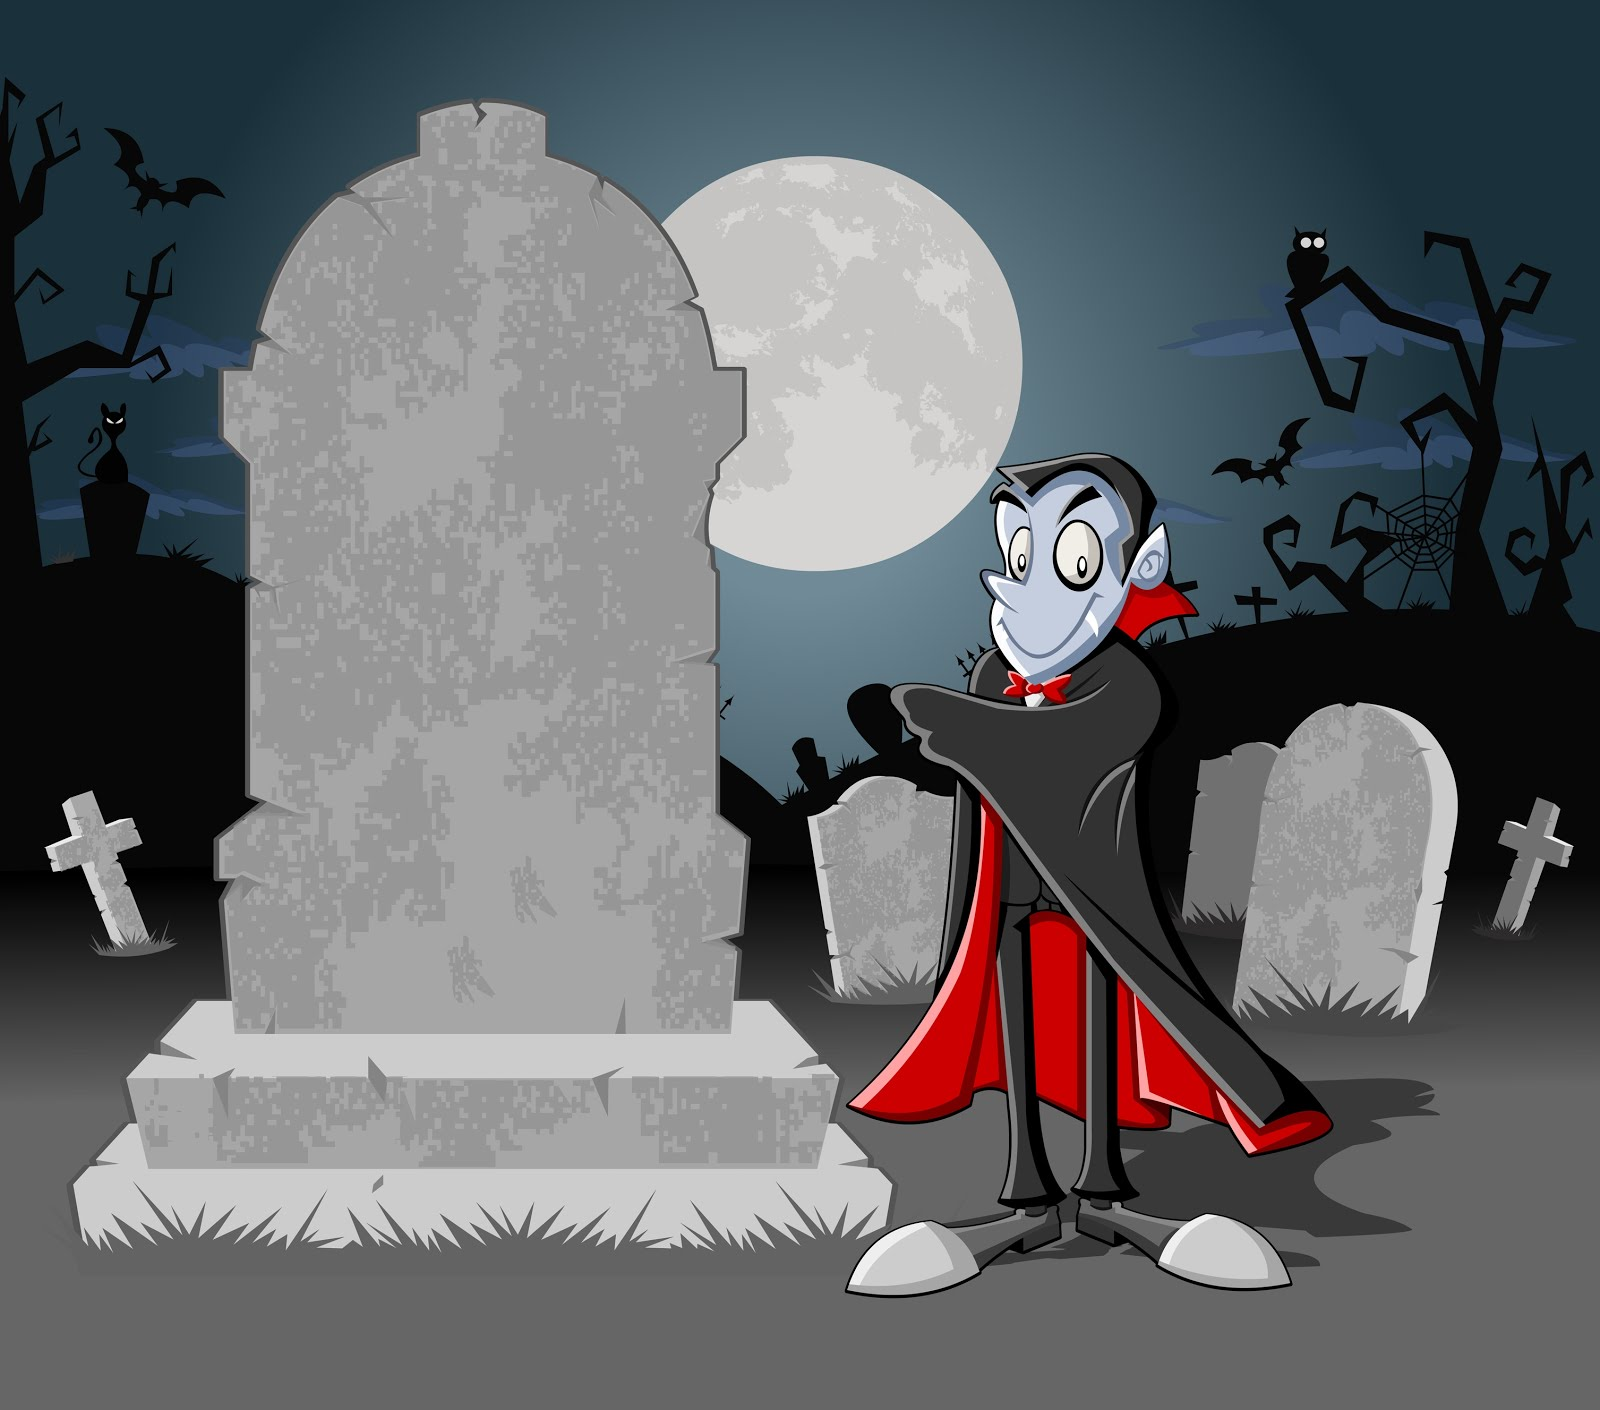 Banco de imgenes 34 imgenes gratis para Halloween Selecciones